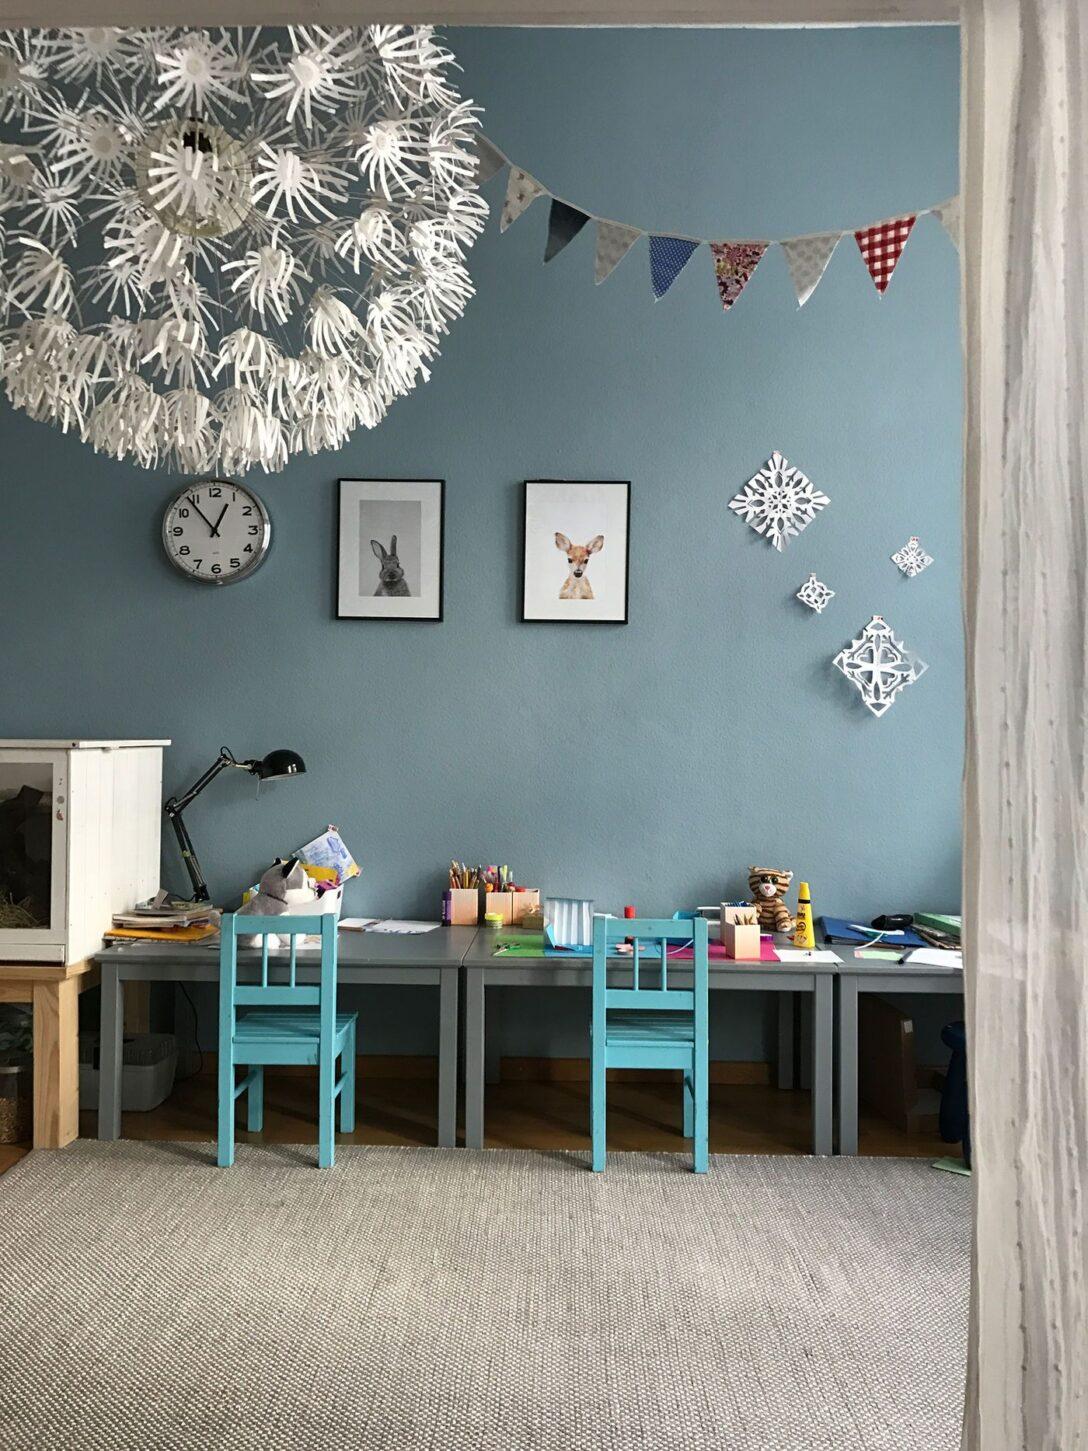 Large Size of Regal Kinderzimmer Sofa Regale Weiß Wohnzimmer Wandgestaltung Kinderzimmer Jungen